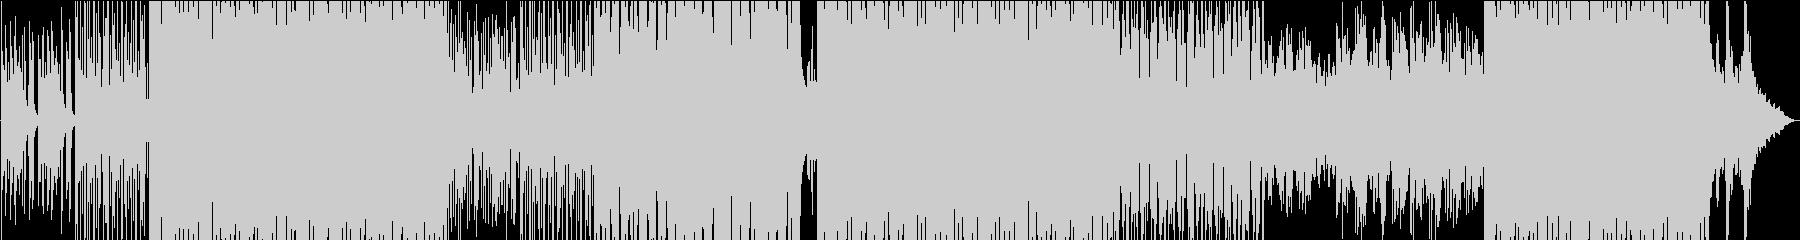 ちょっと早めの軽快なボサノバの未再生の波形